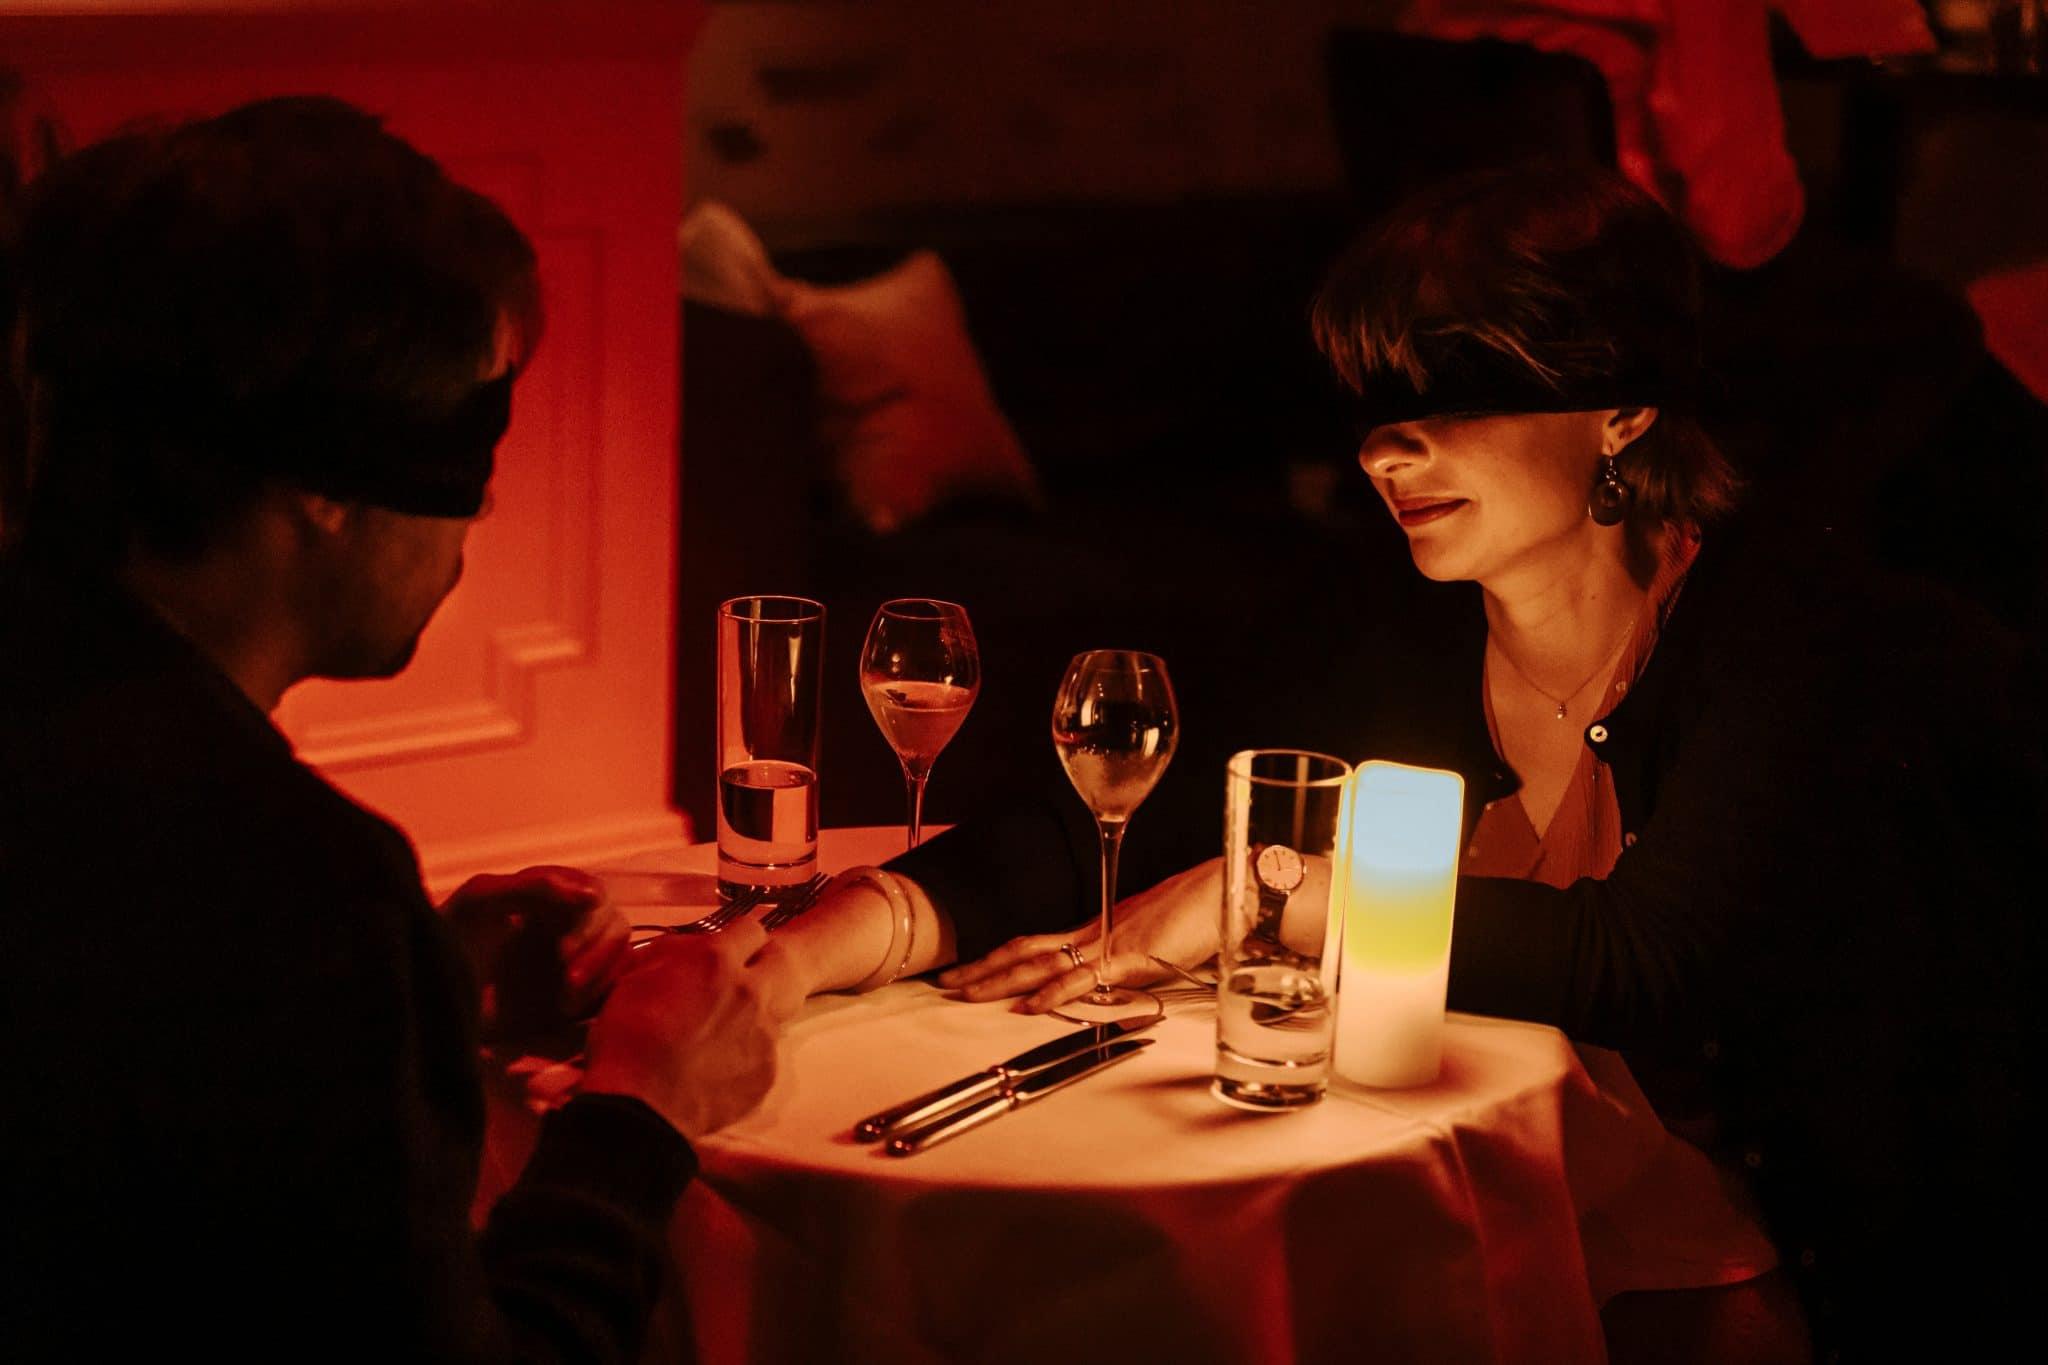 dining in the dark marseille diner à l'aveugle les yeux bandés restaurant insolite dans le noir date